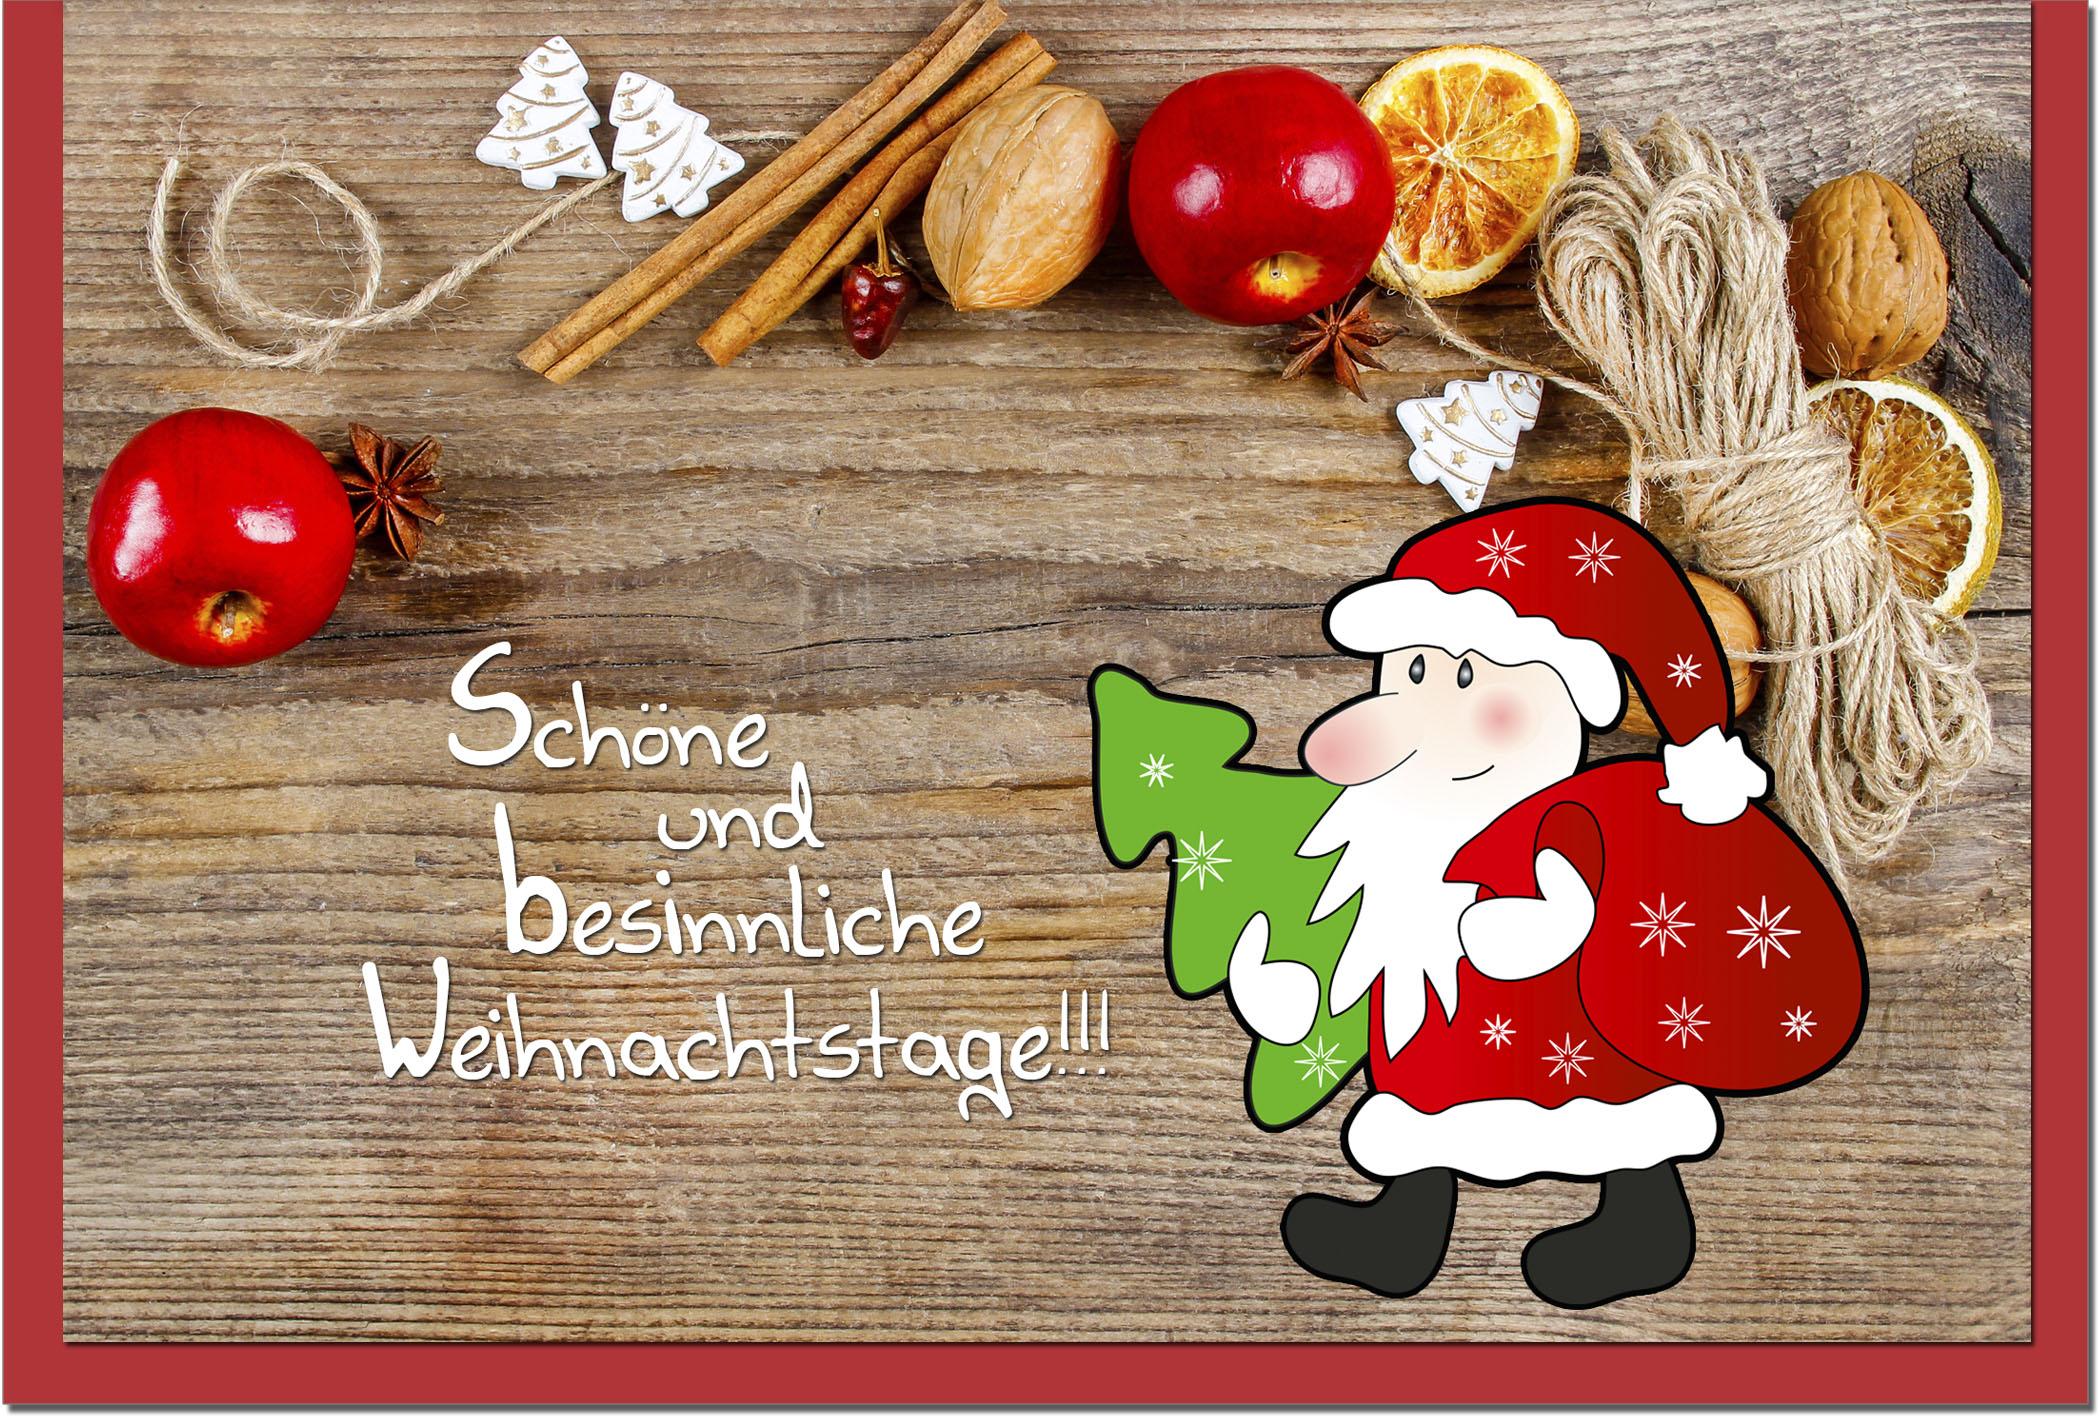 Weihnachtskarten / Grußkarten /Weihnachten Weihnachtsmann